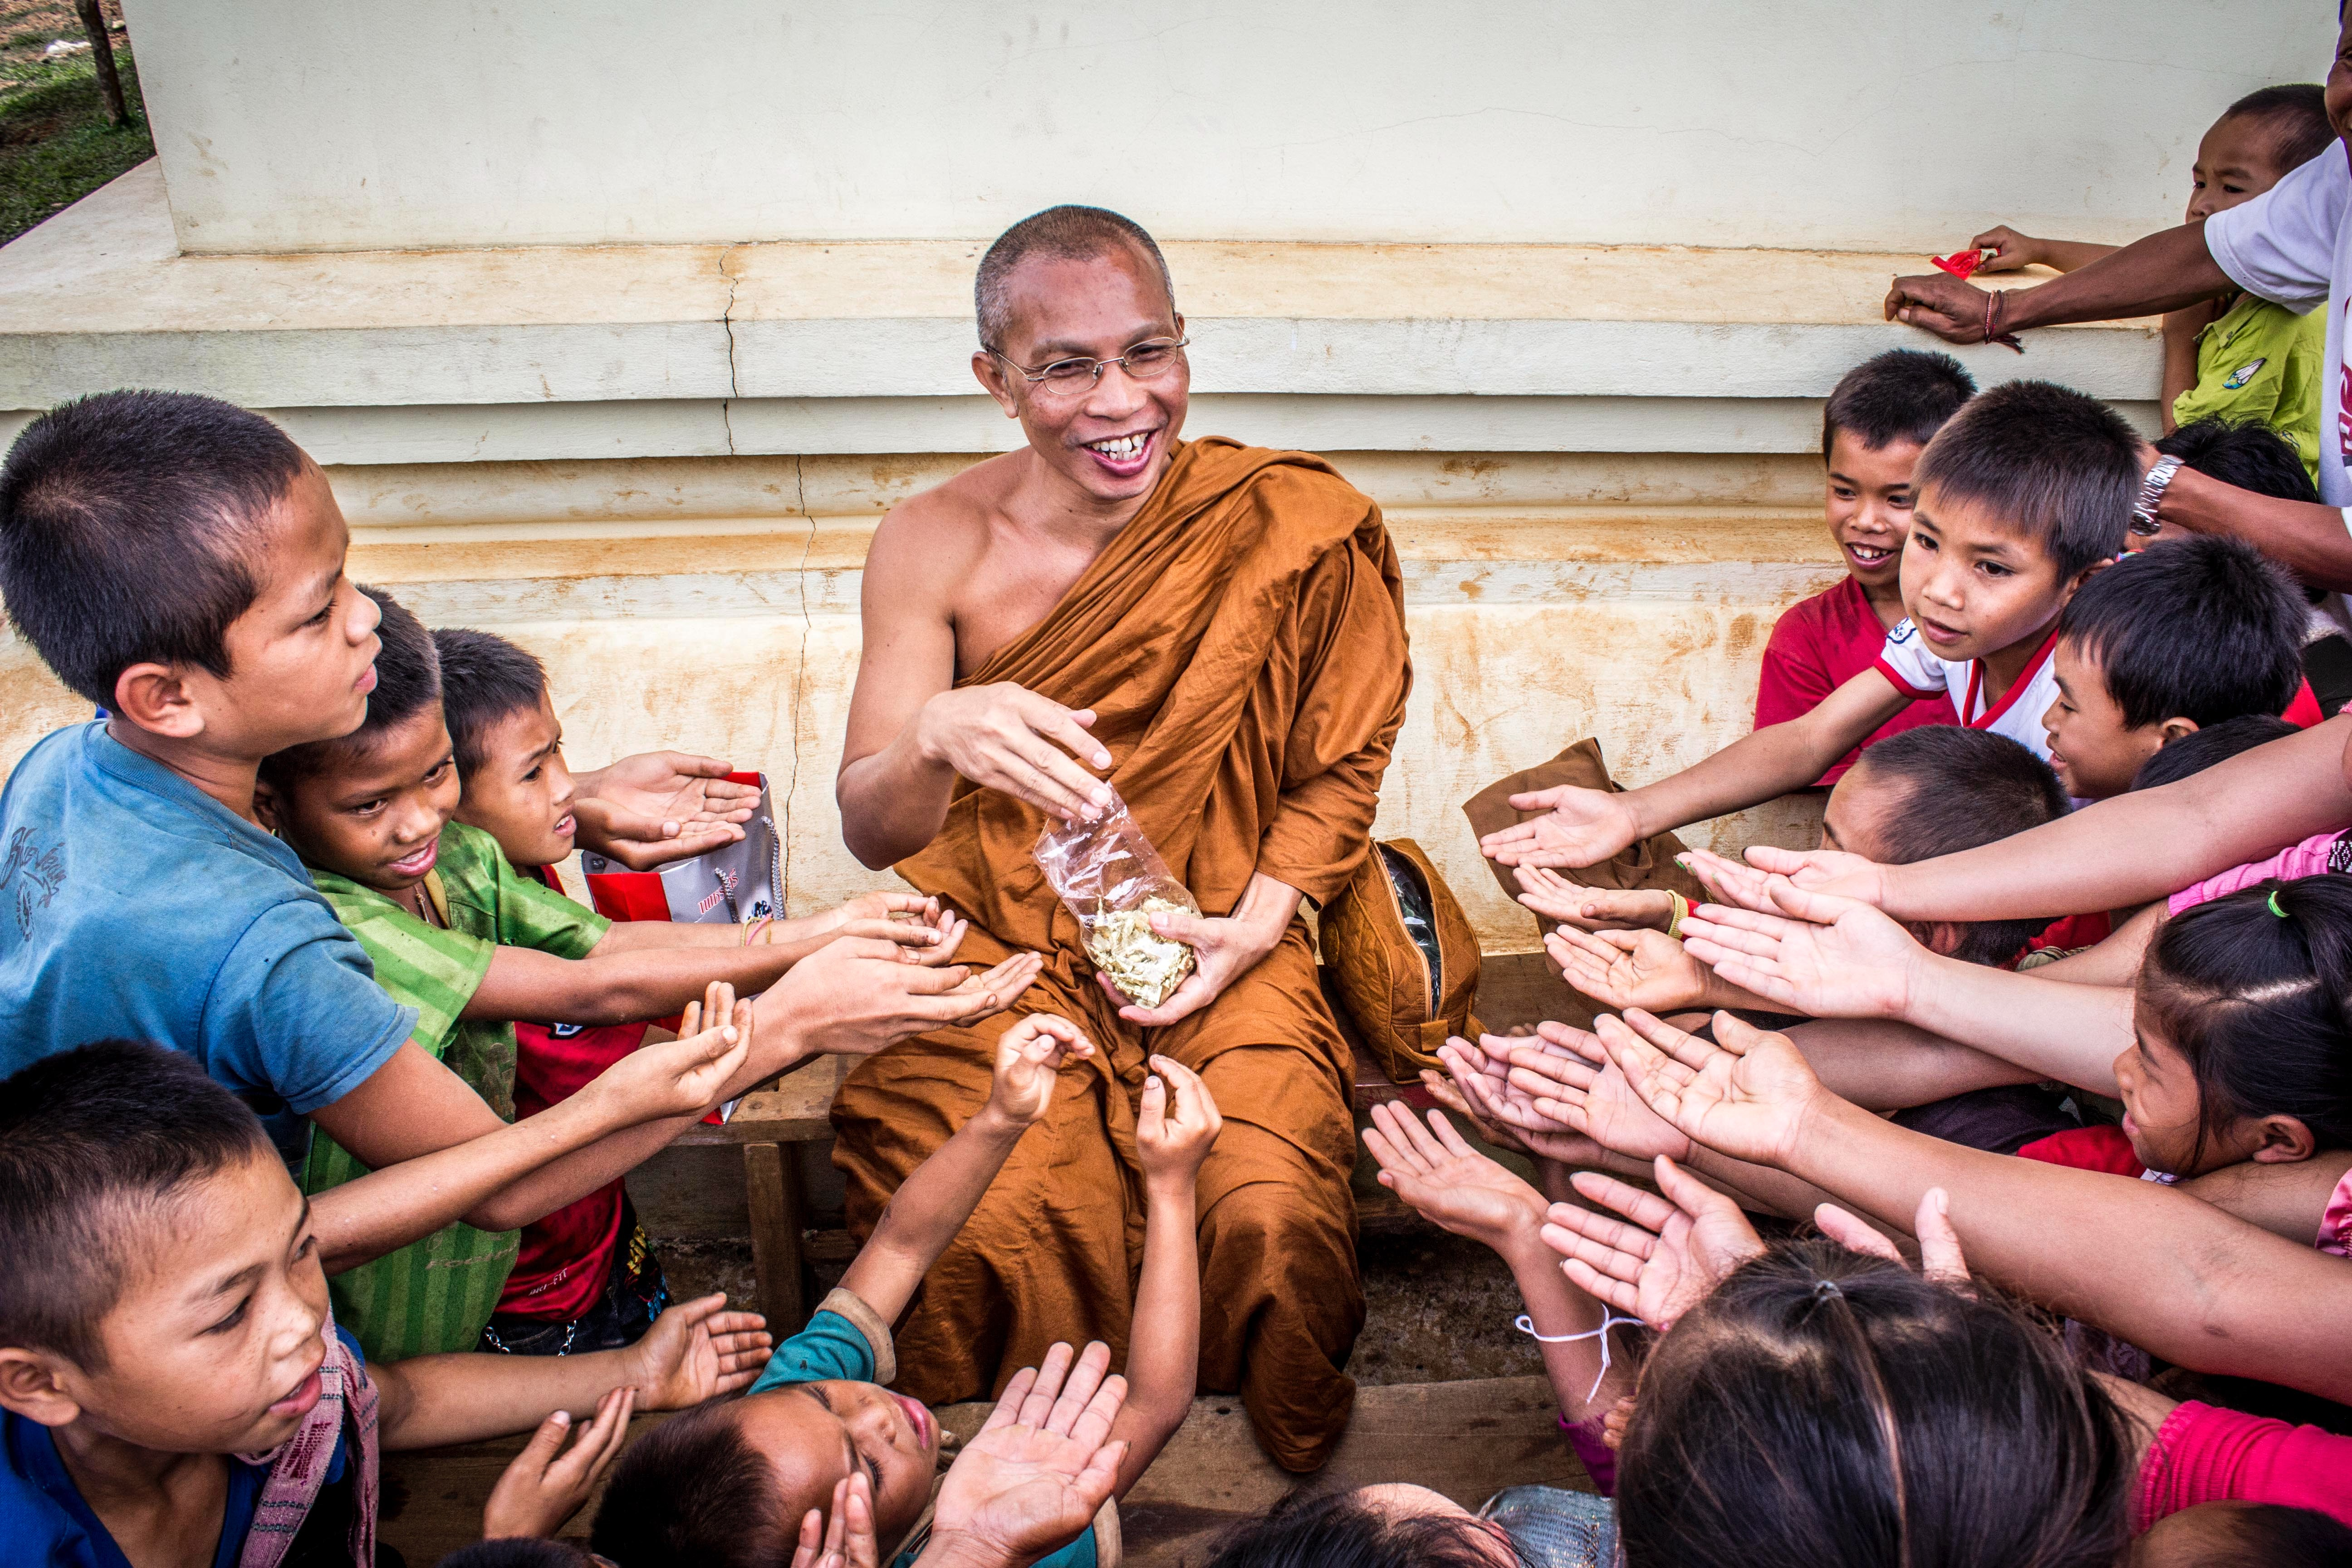 Man in monk dress between group of children photo